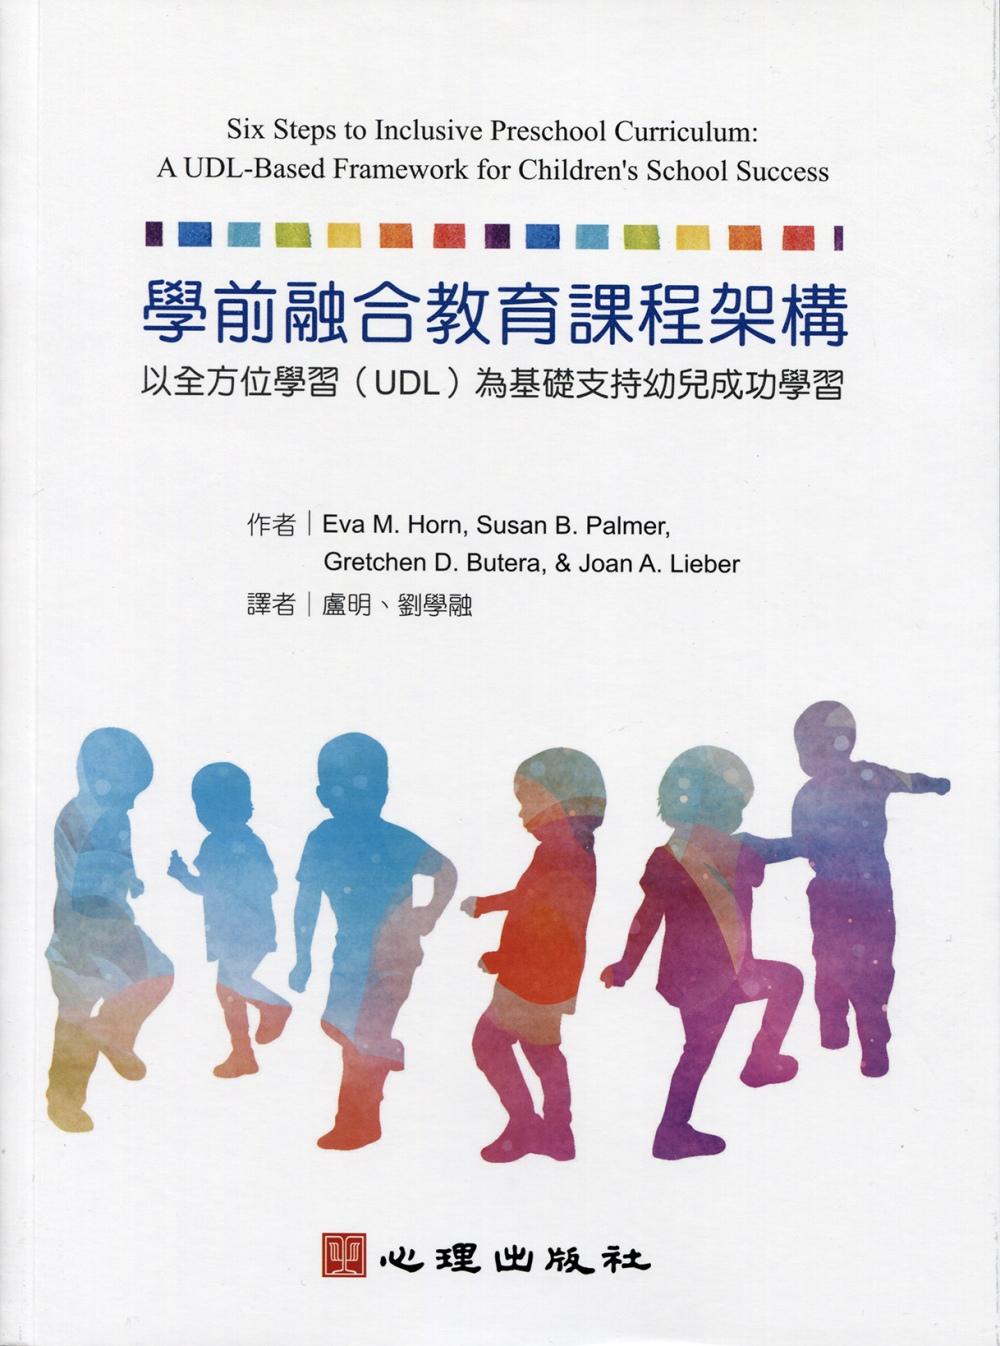 學前融合教育課程架構:以全方位學習(UDL)為基礎支持幼兒成功學習